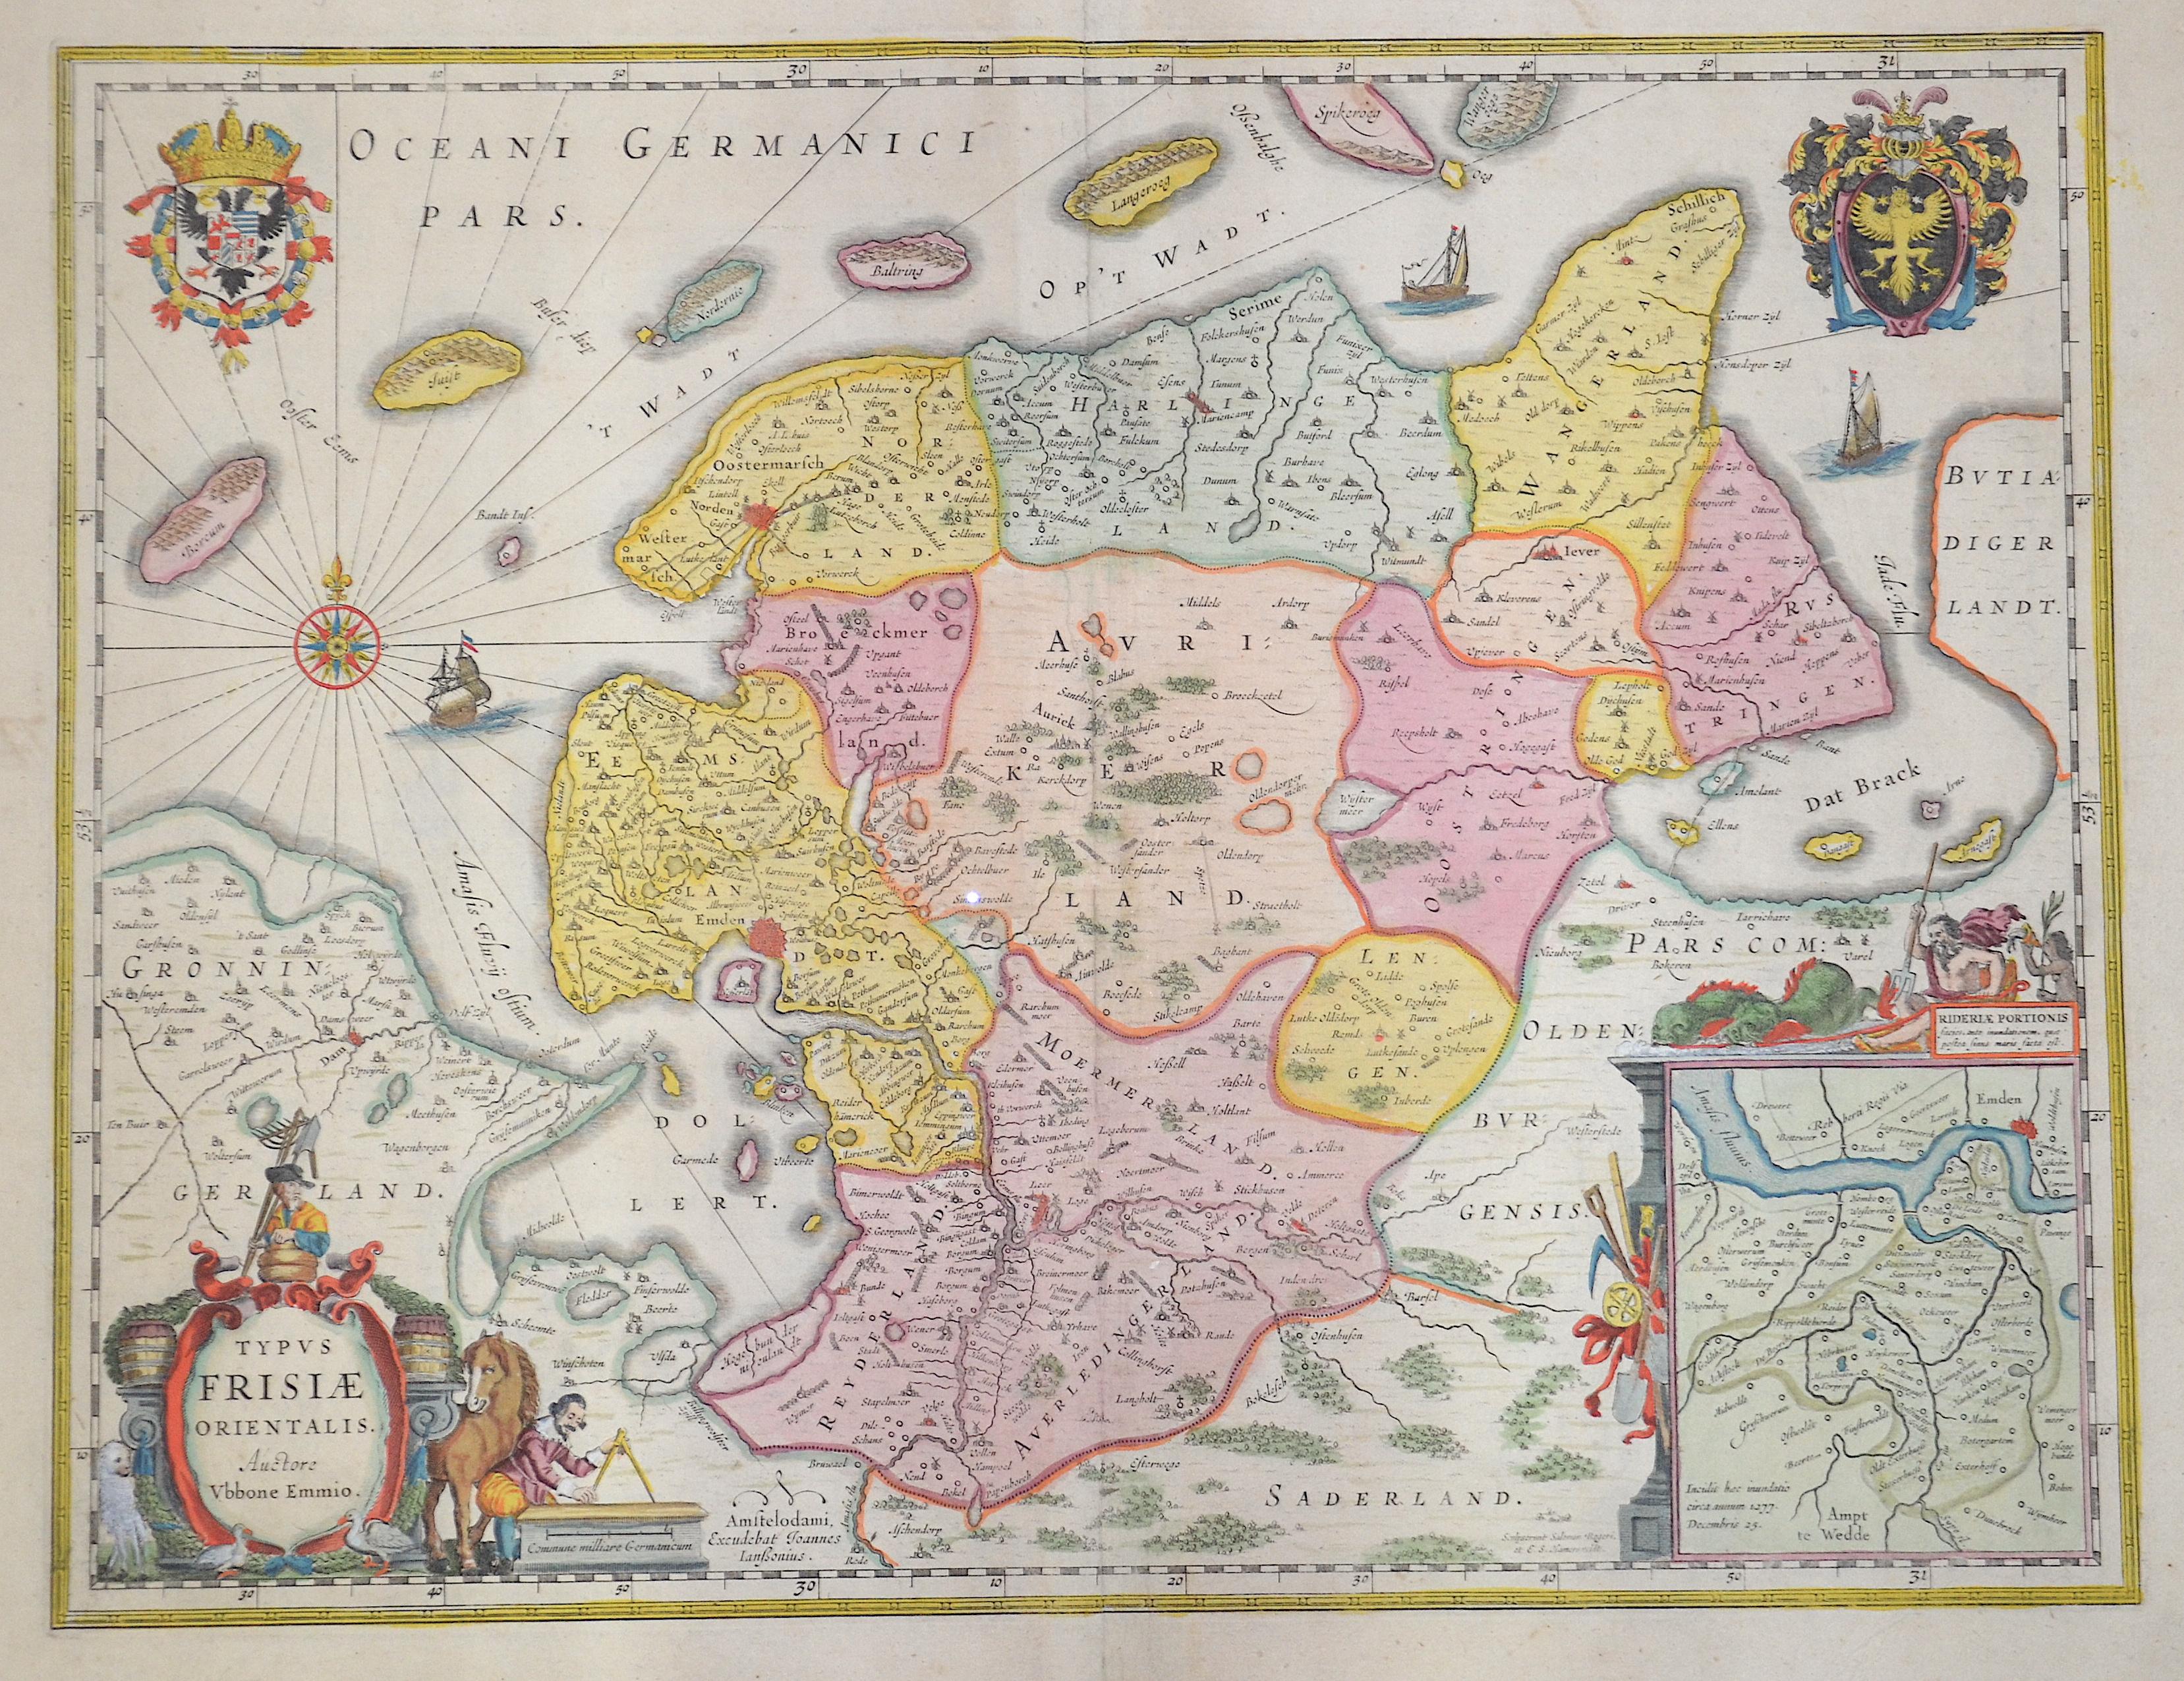 Janssonius Johann Typus Frisiae Orientalis. Auctore Ubbone Emmio.